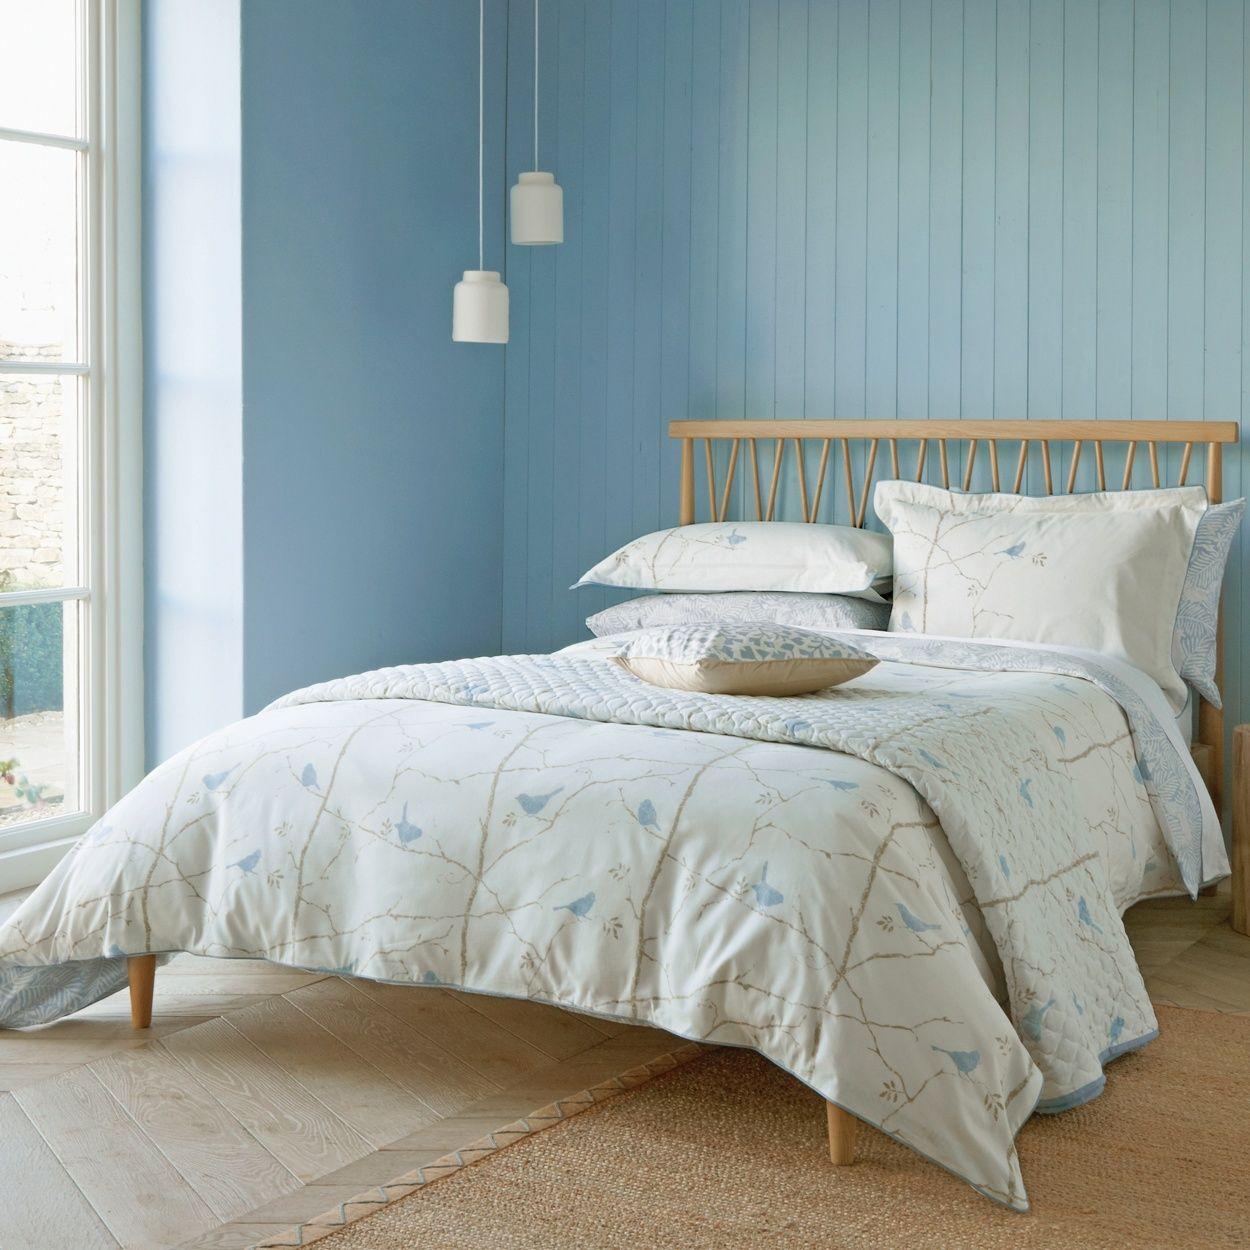 Sanderson Light blue 'Dawn Chorus' bed linen at Debenhams